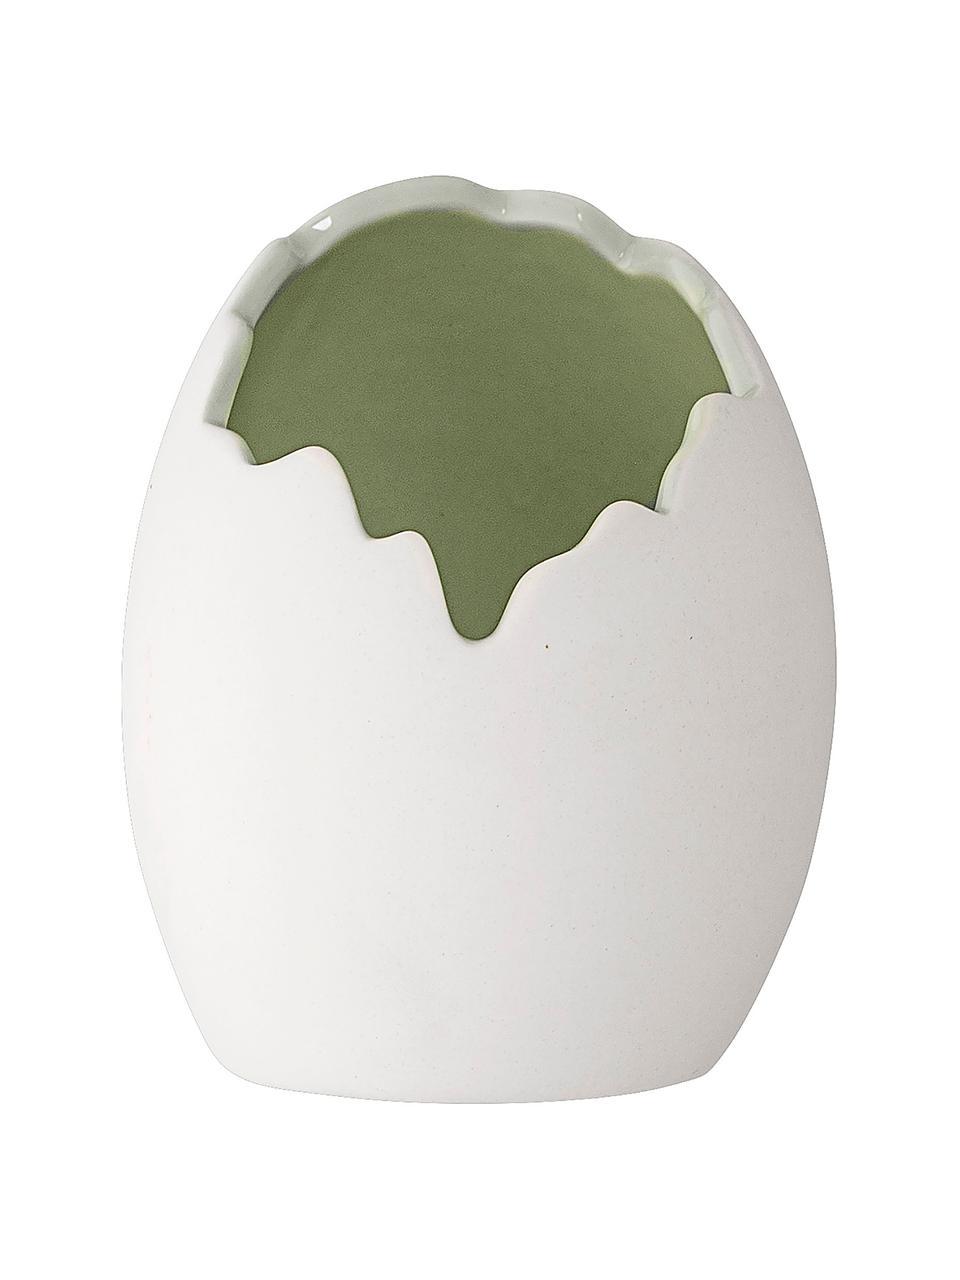 Porzellan-Vase Rona in Weiß, Porzellan, Weiß, Ø 9 x H 10 cm